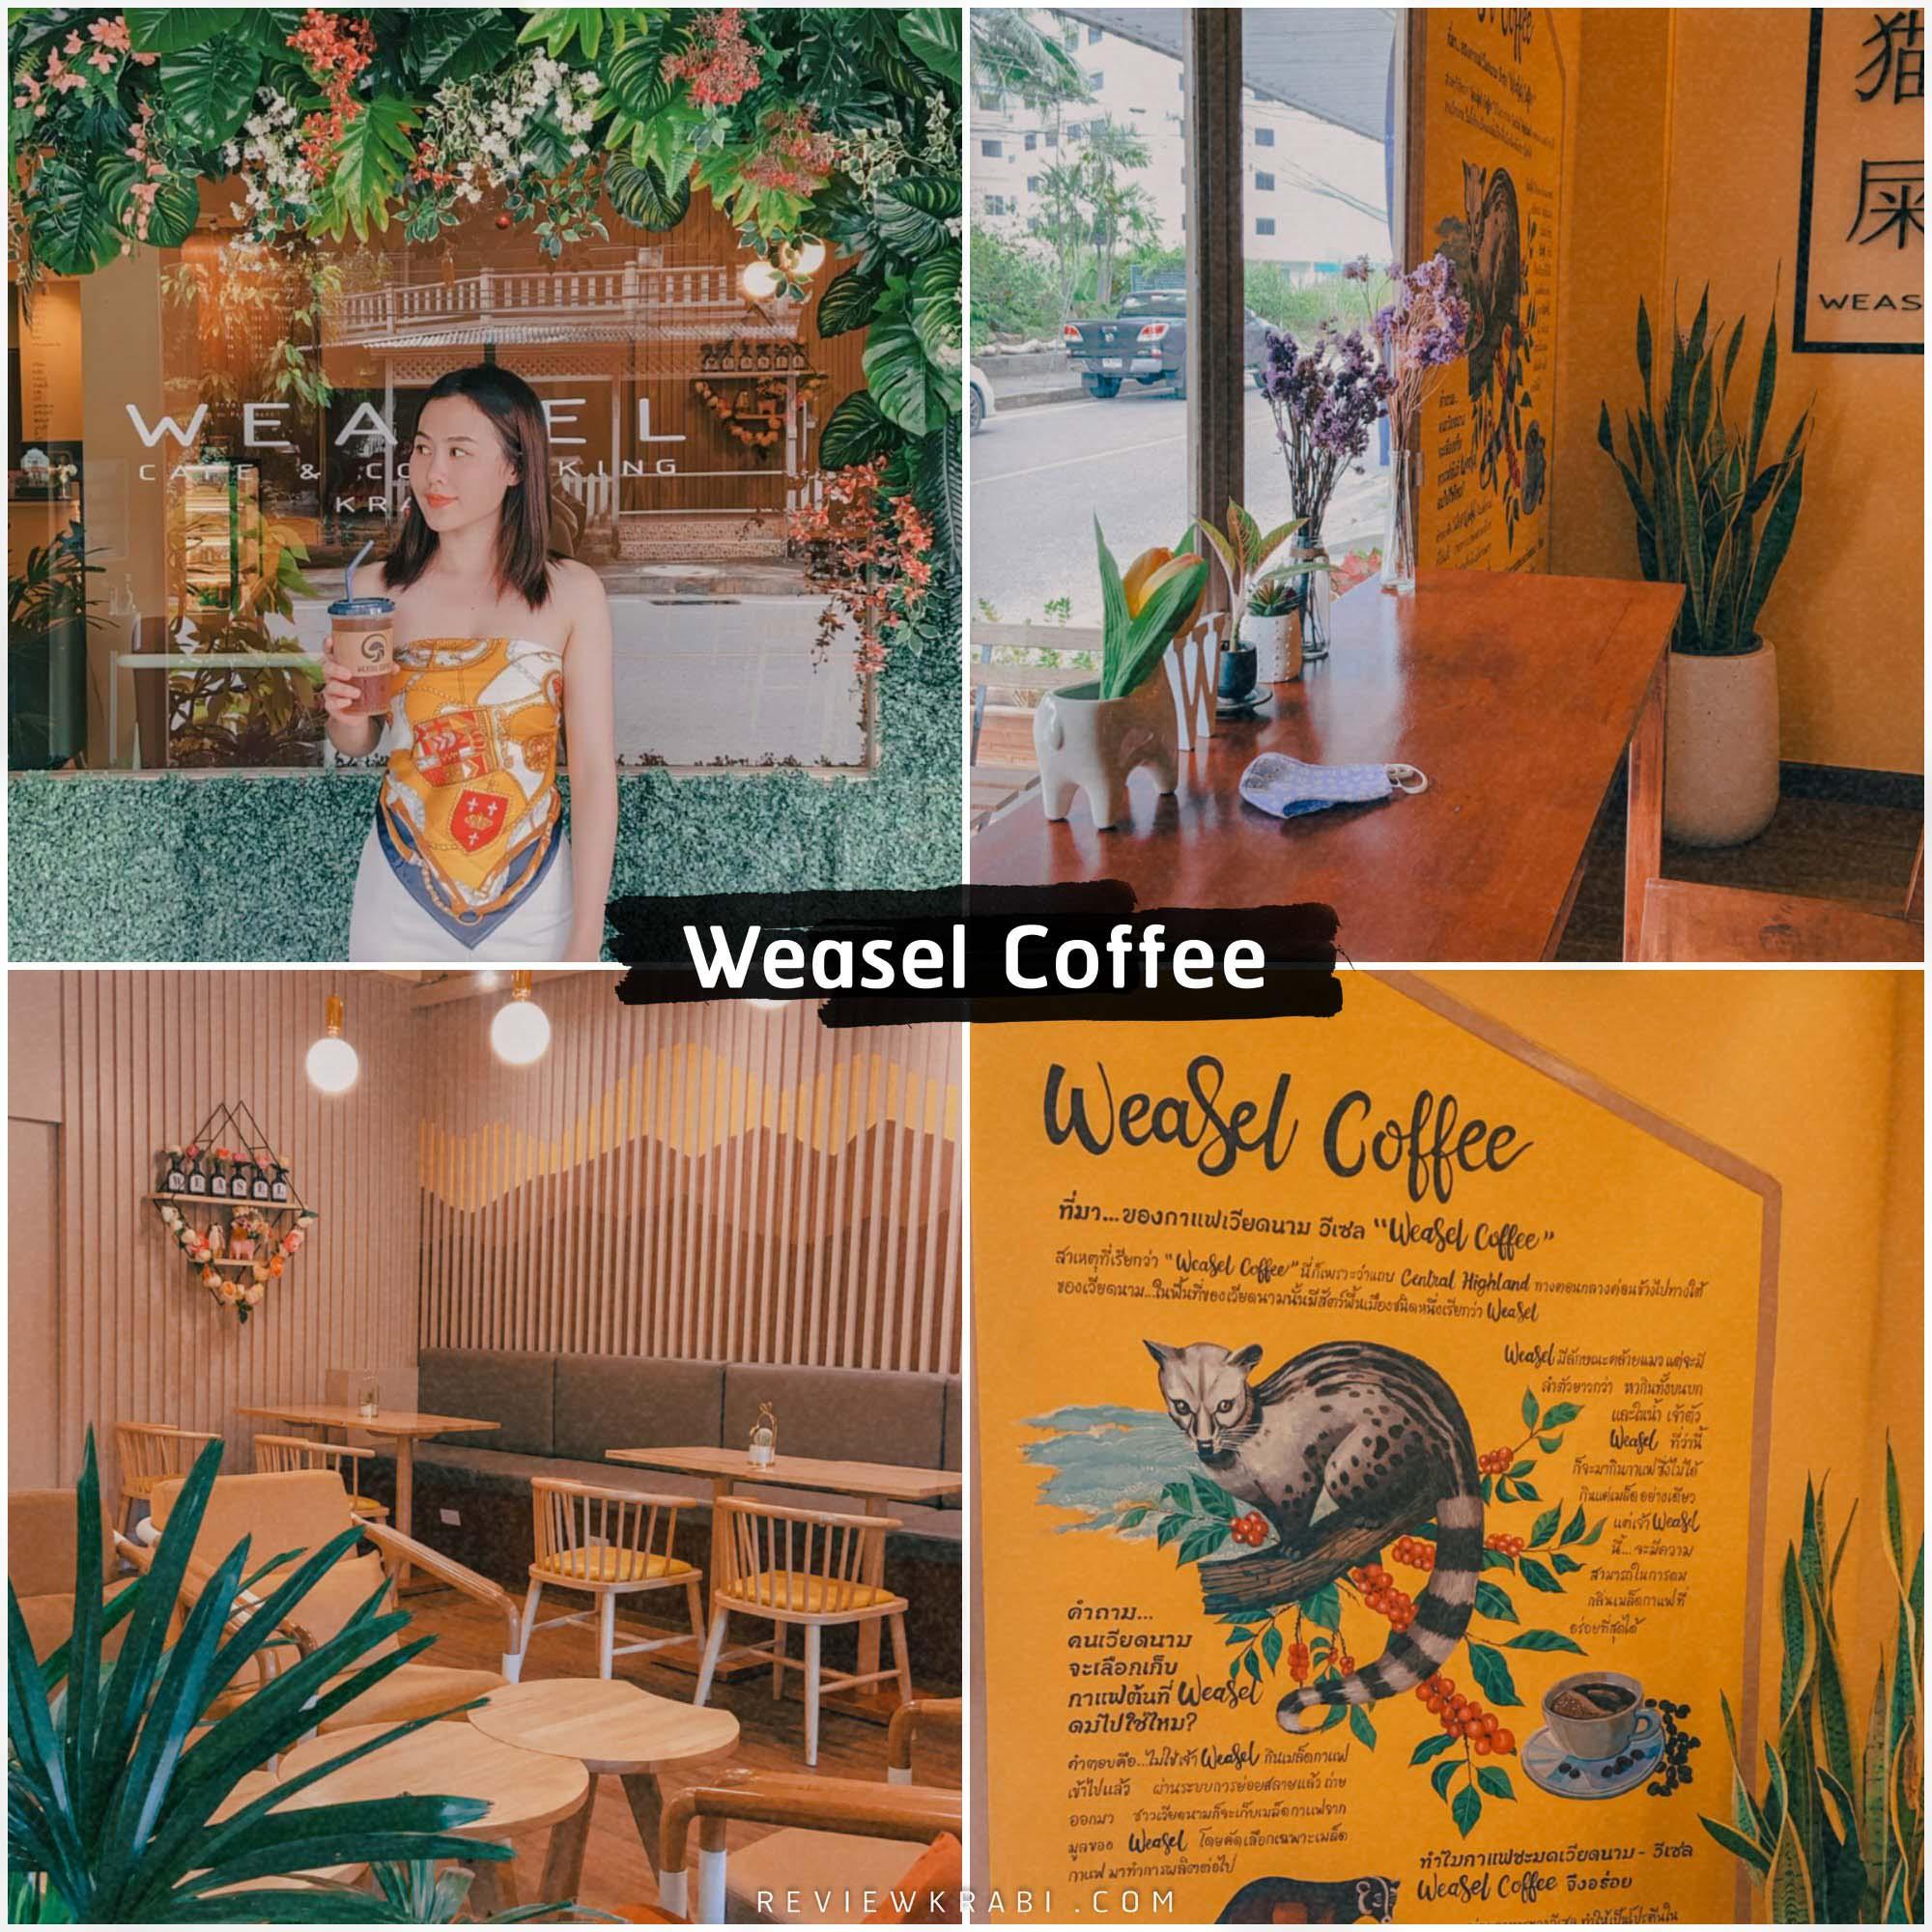 กาแฟเพื่อสุขภาพ-อร่อยเว้ออ-มากระบี่ต้องแวะชิมกันที่ร้านWeasel-coffee-กาแฟชะมด คลิกที่นี่ กระบี่,จุดเช็คอิน,ที่เที่ยว,ร้านกาแฟ,คาเฟ่,ทะเล,ภูเขา